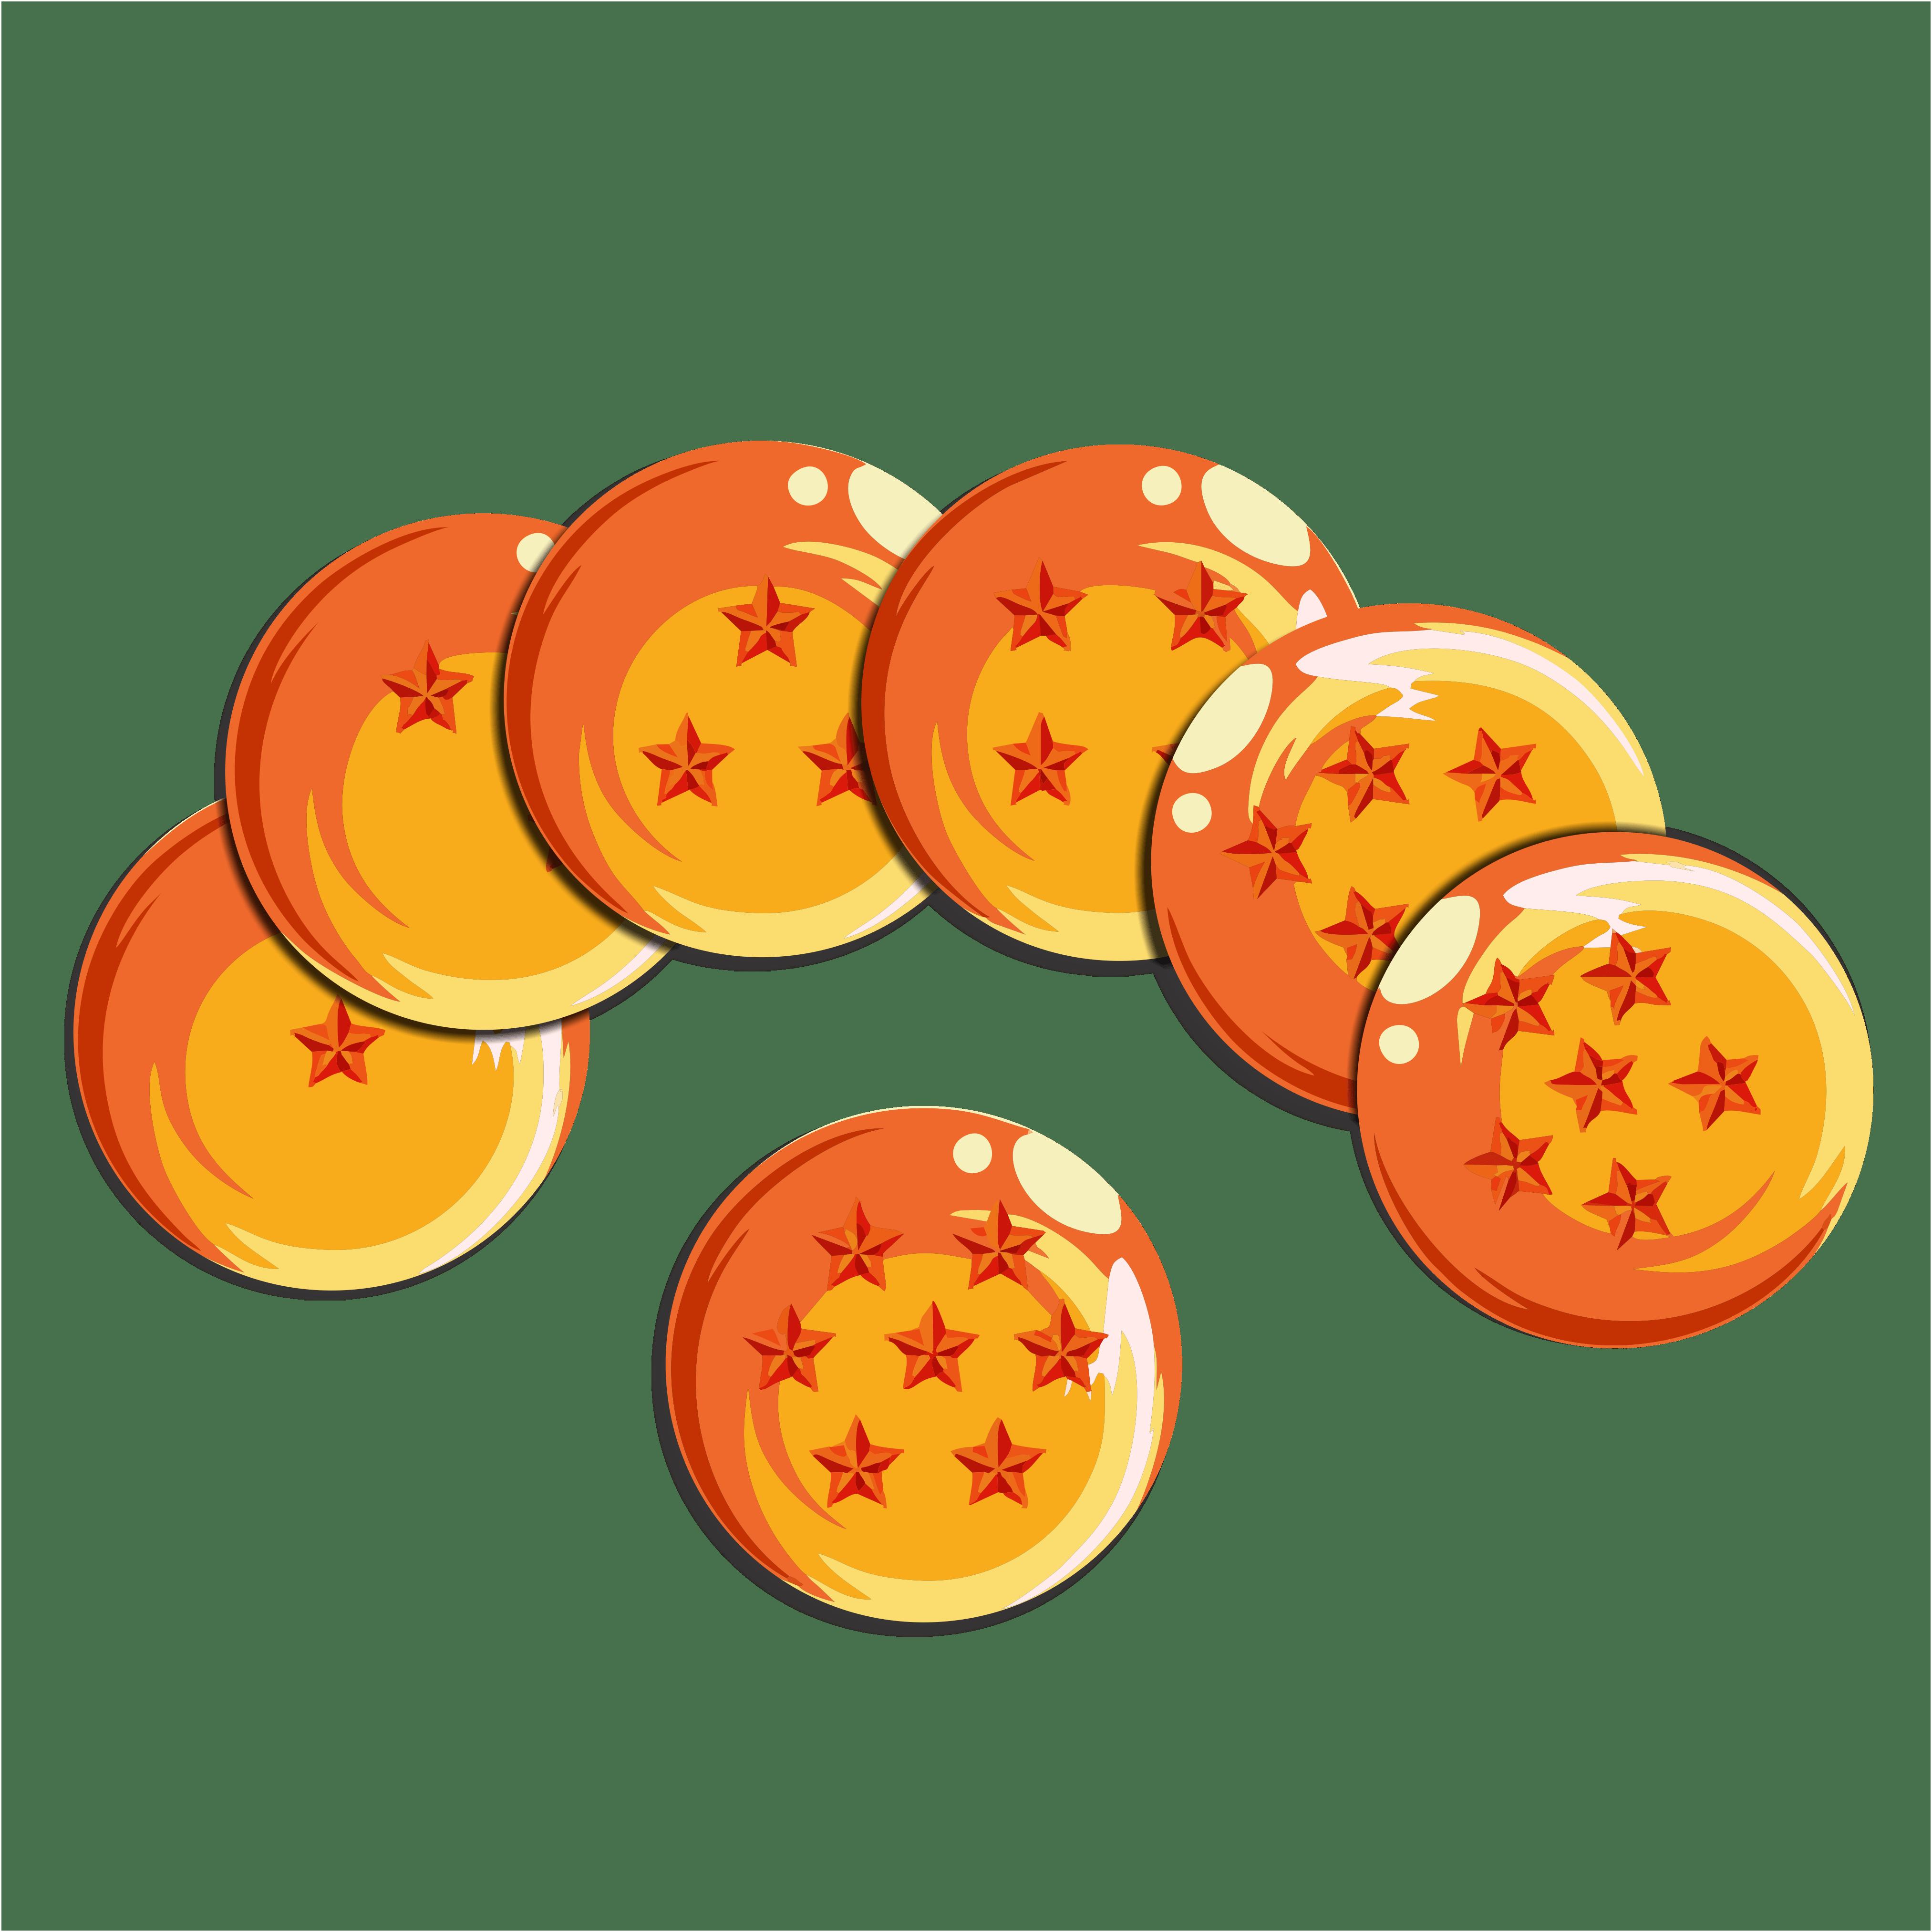 Esferas do Dragão.